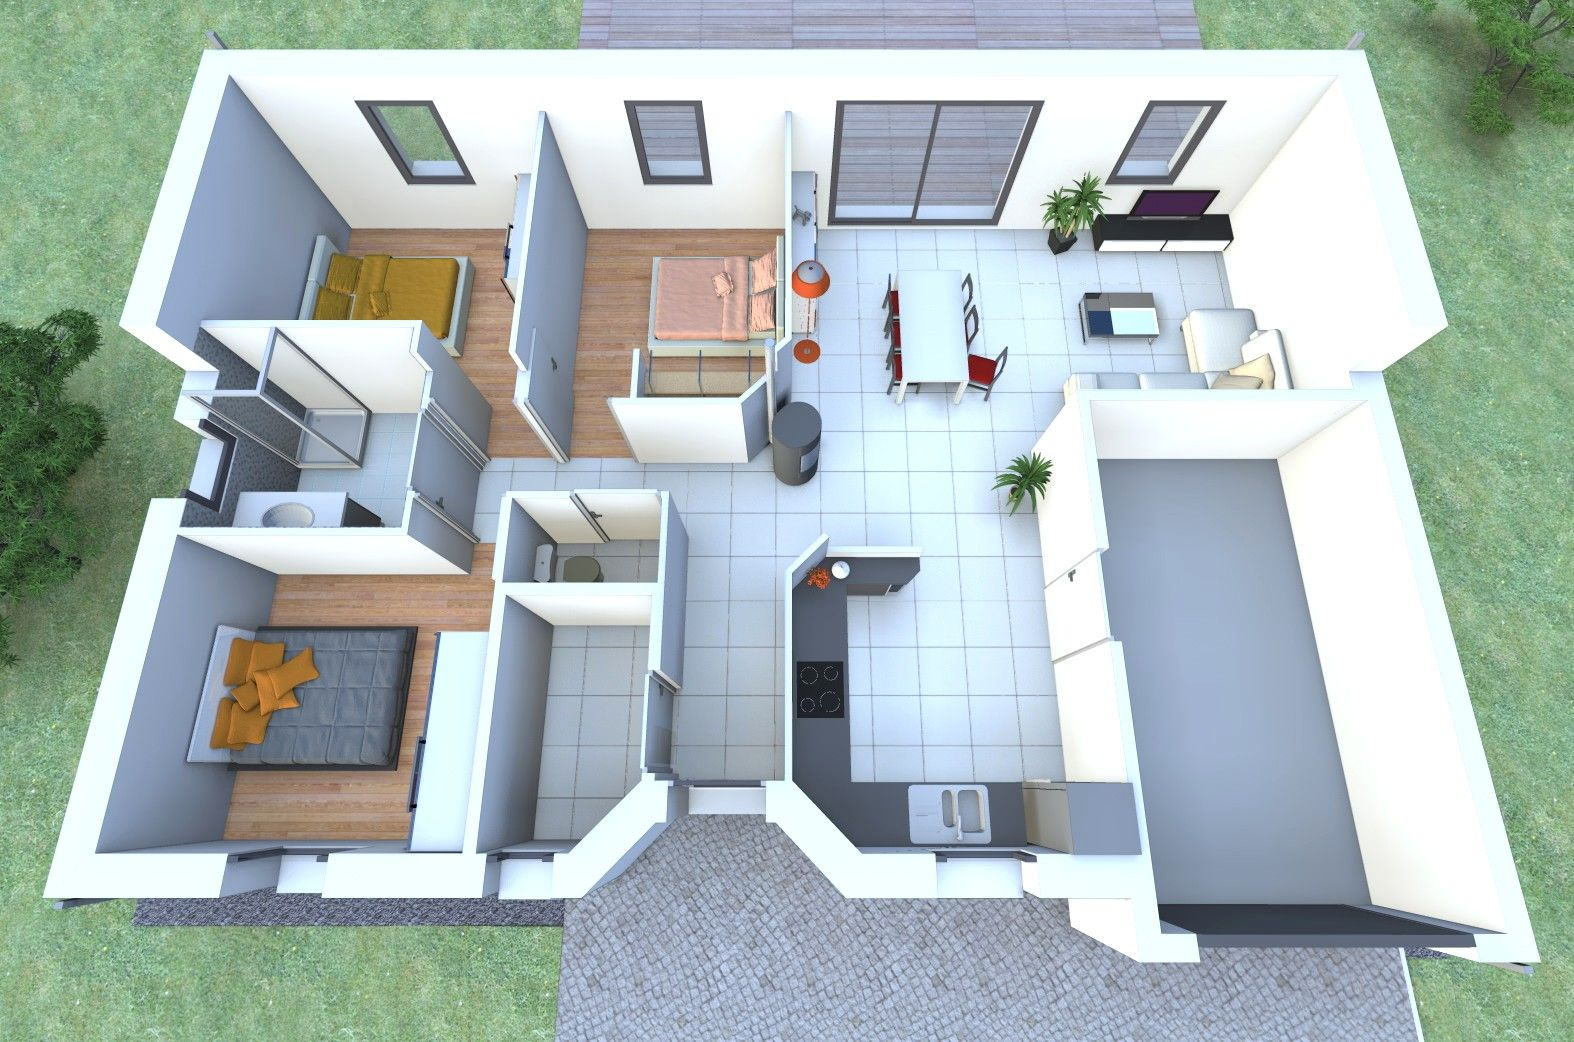 Modele Maison Idesia 3d Modele Maison Plan Maison 3d Maison 3